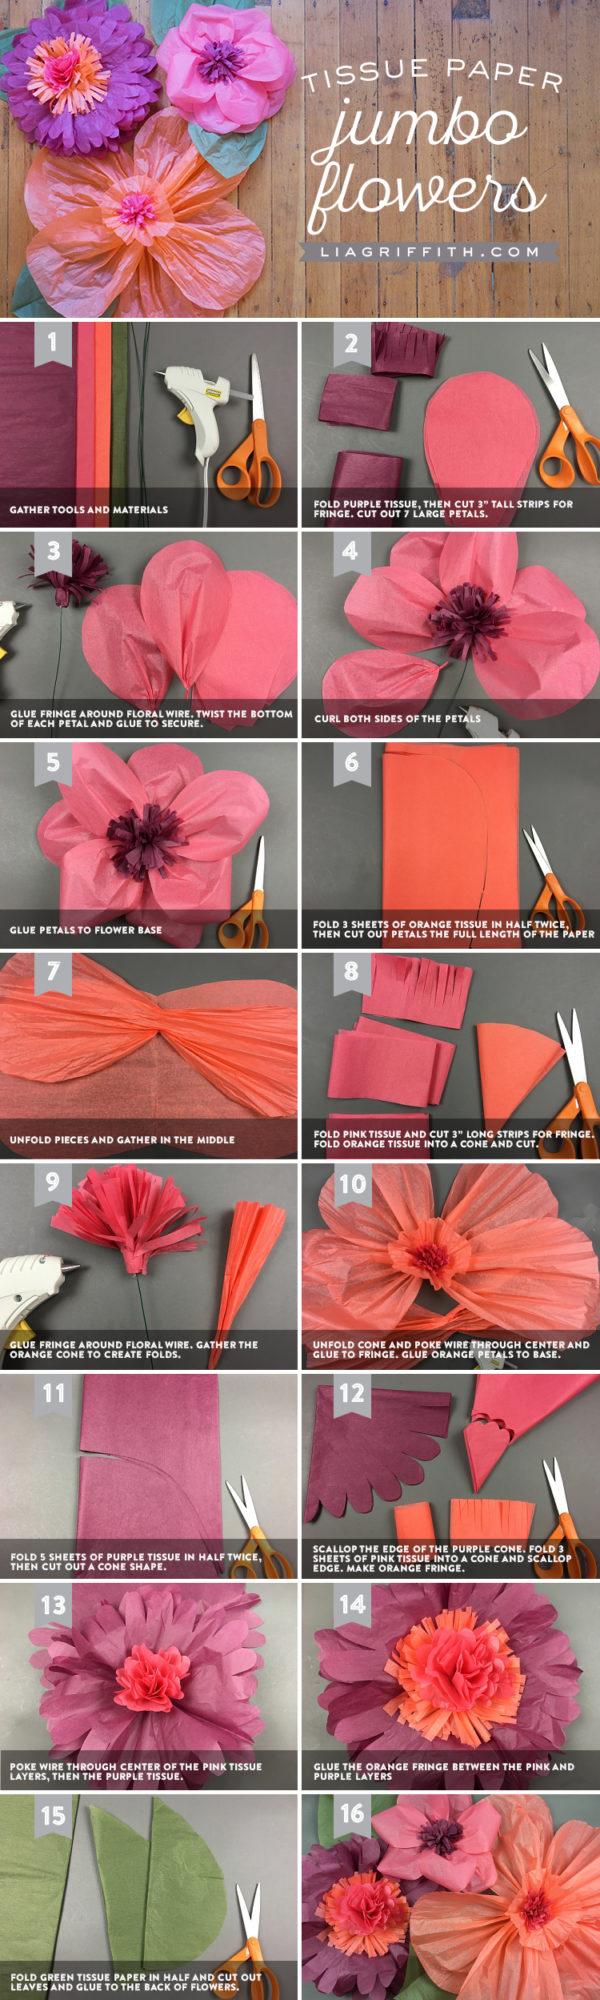 DIY Tissue Paper Jumbo Flowers